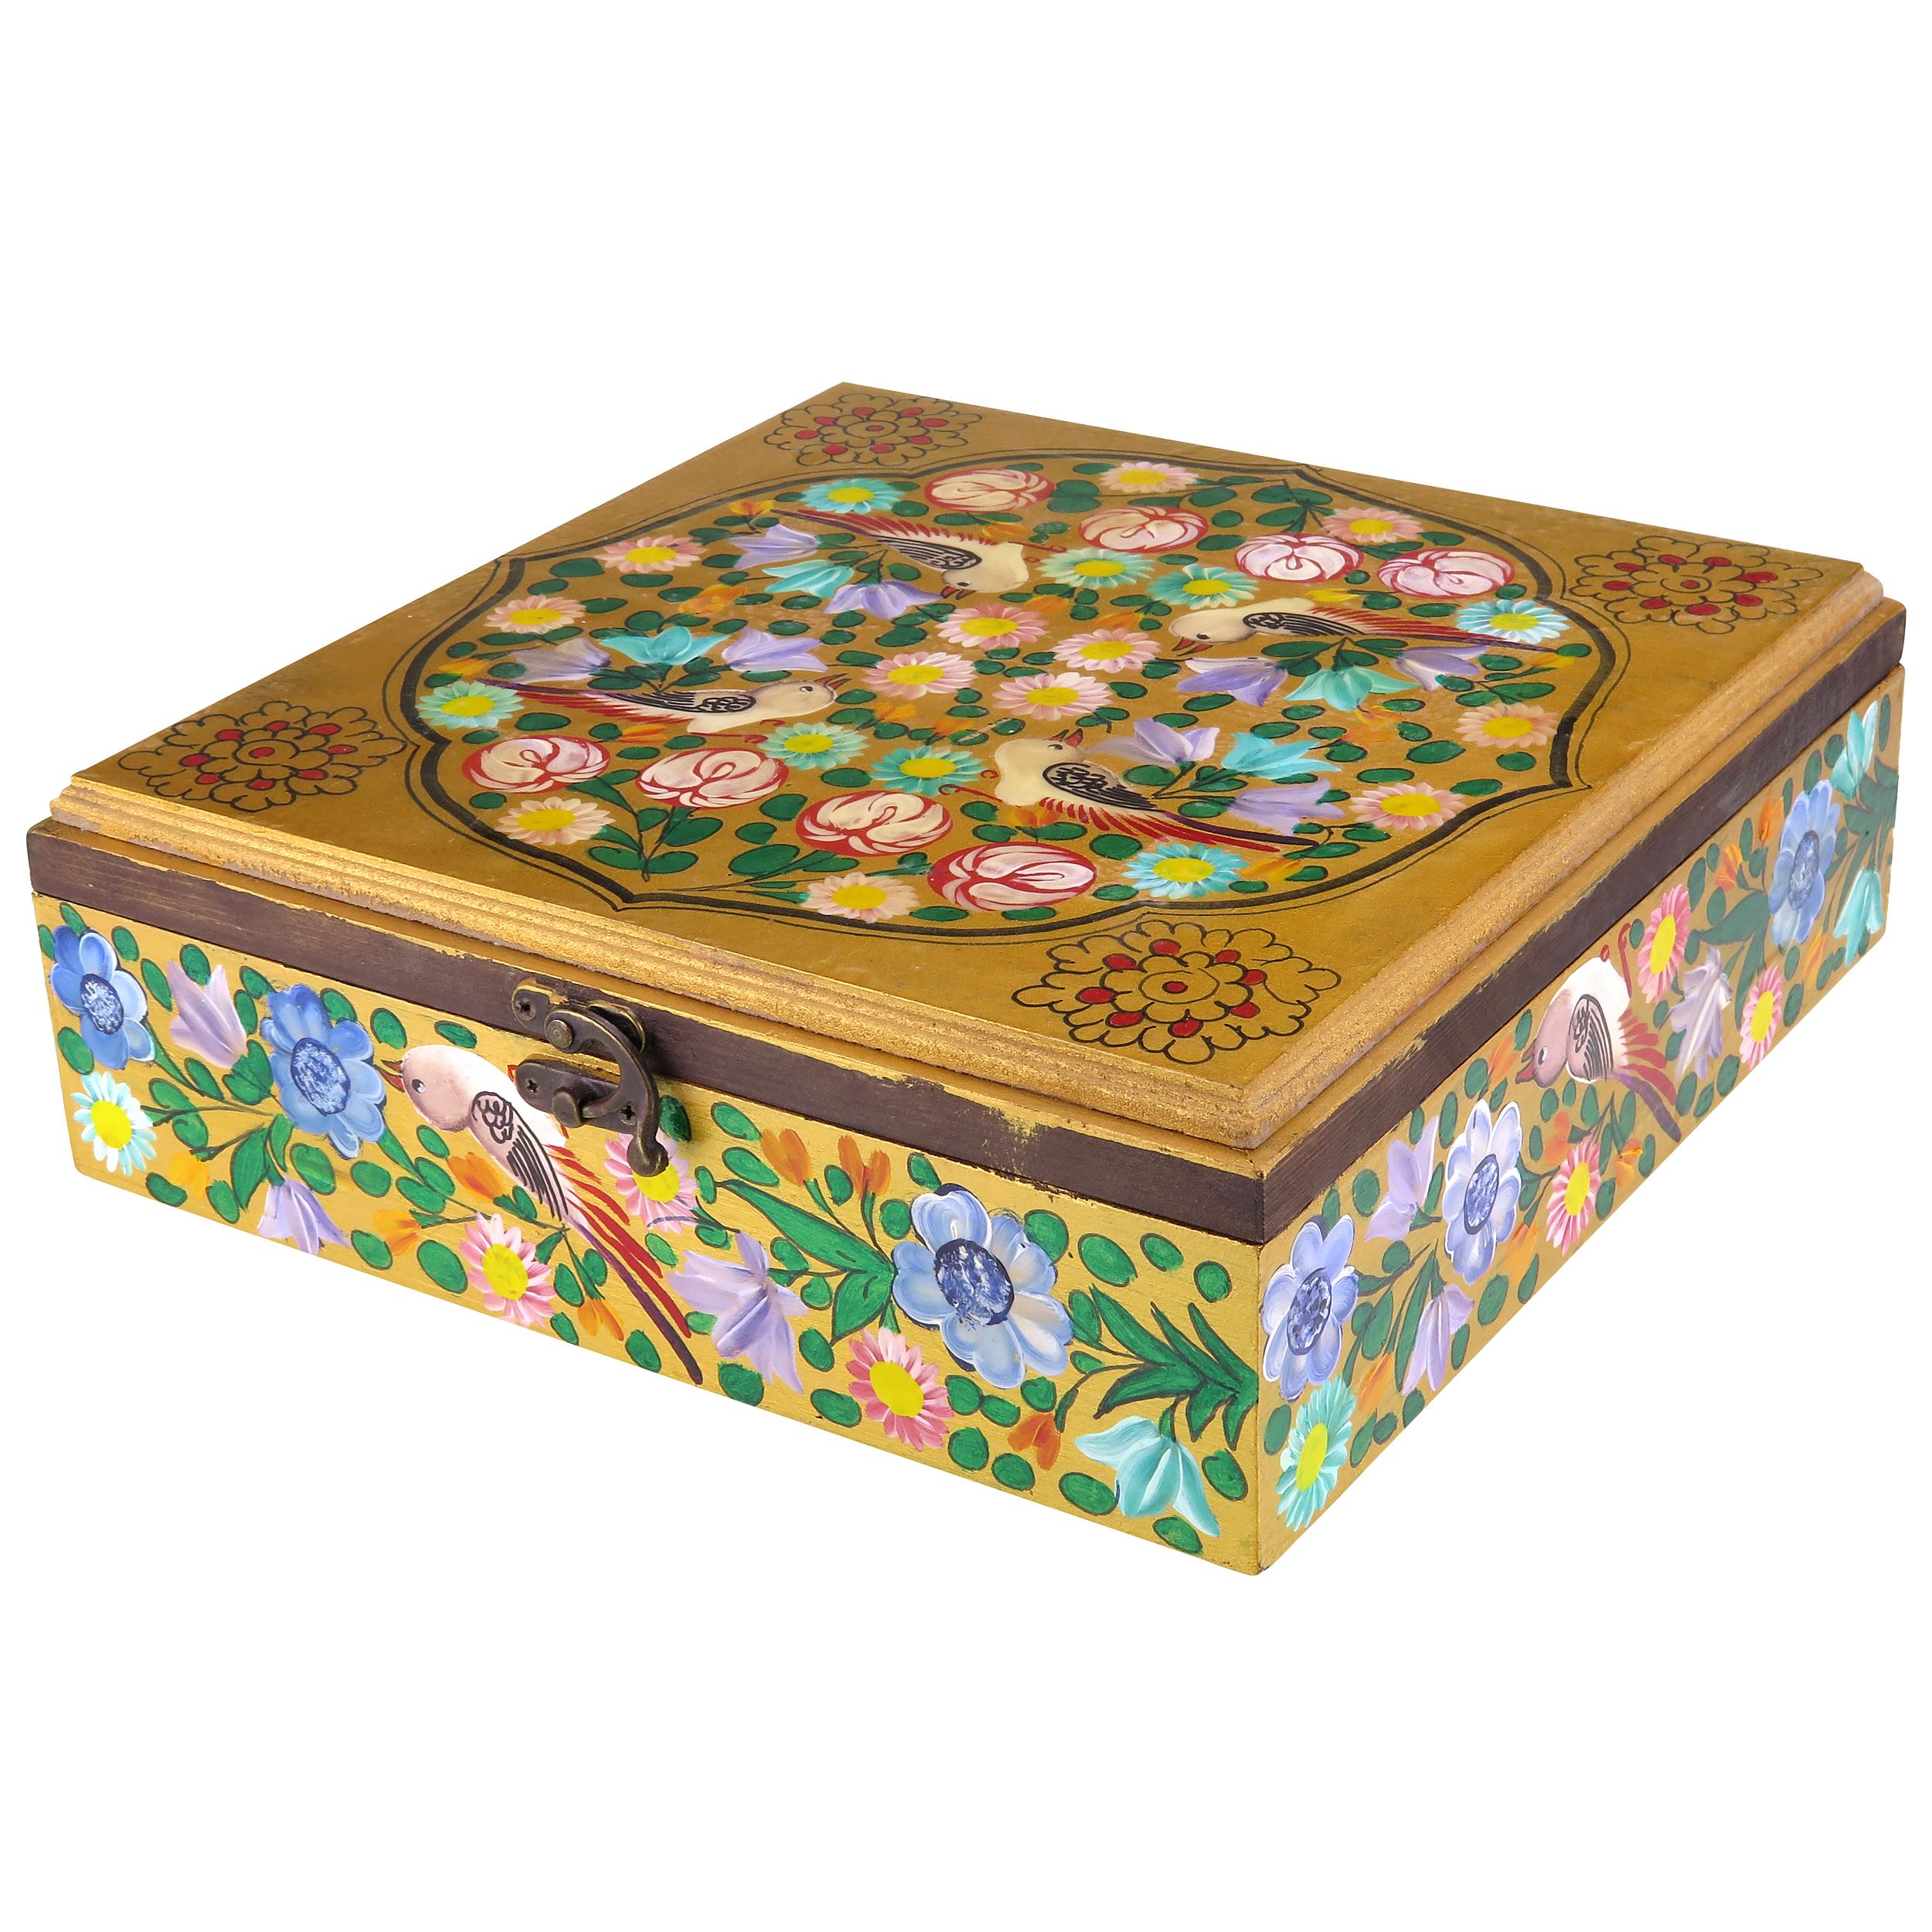 جعبه هدیه چوبی طرح گل و مرغ مدل srmd04